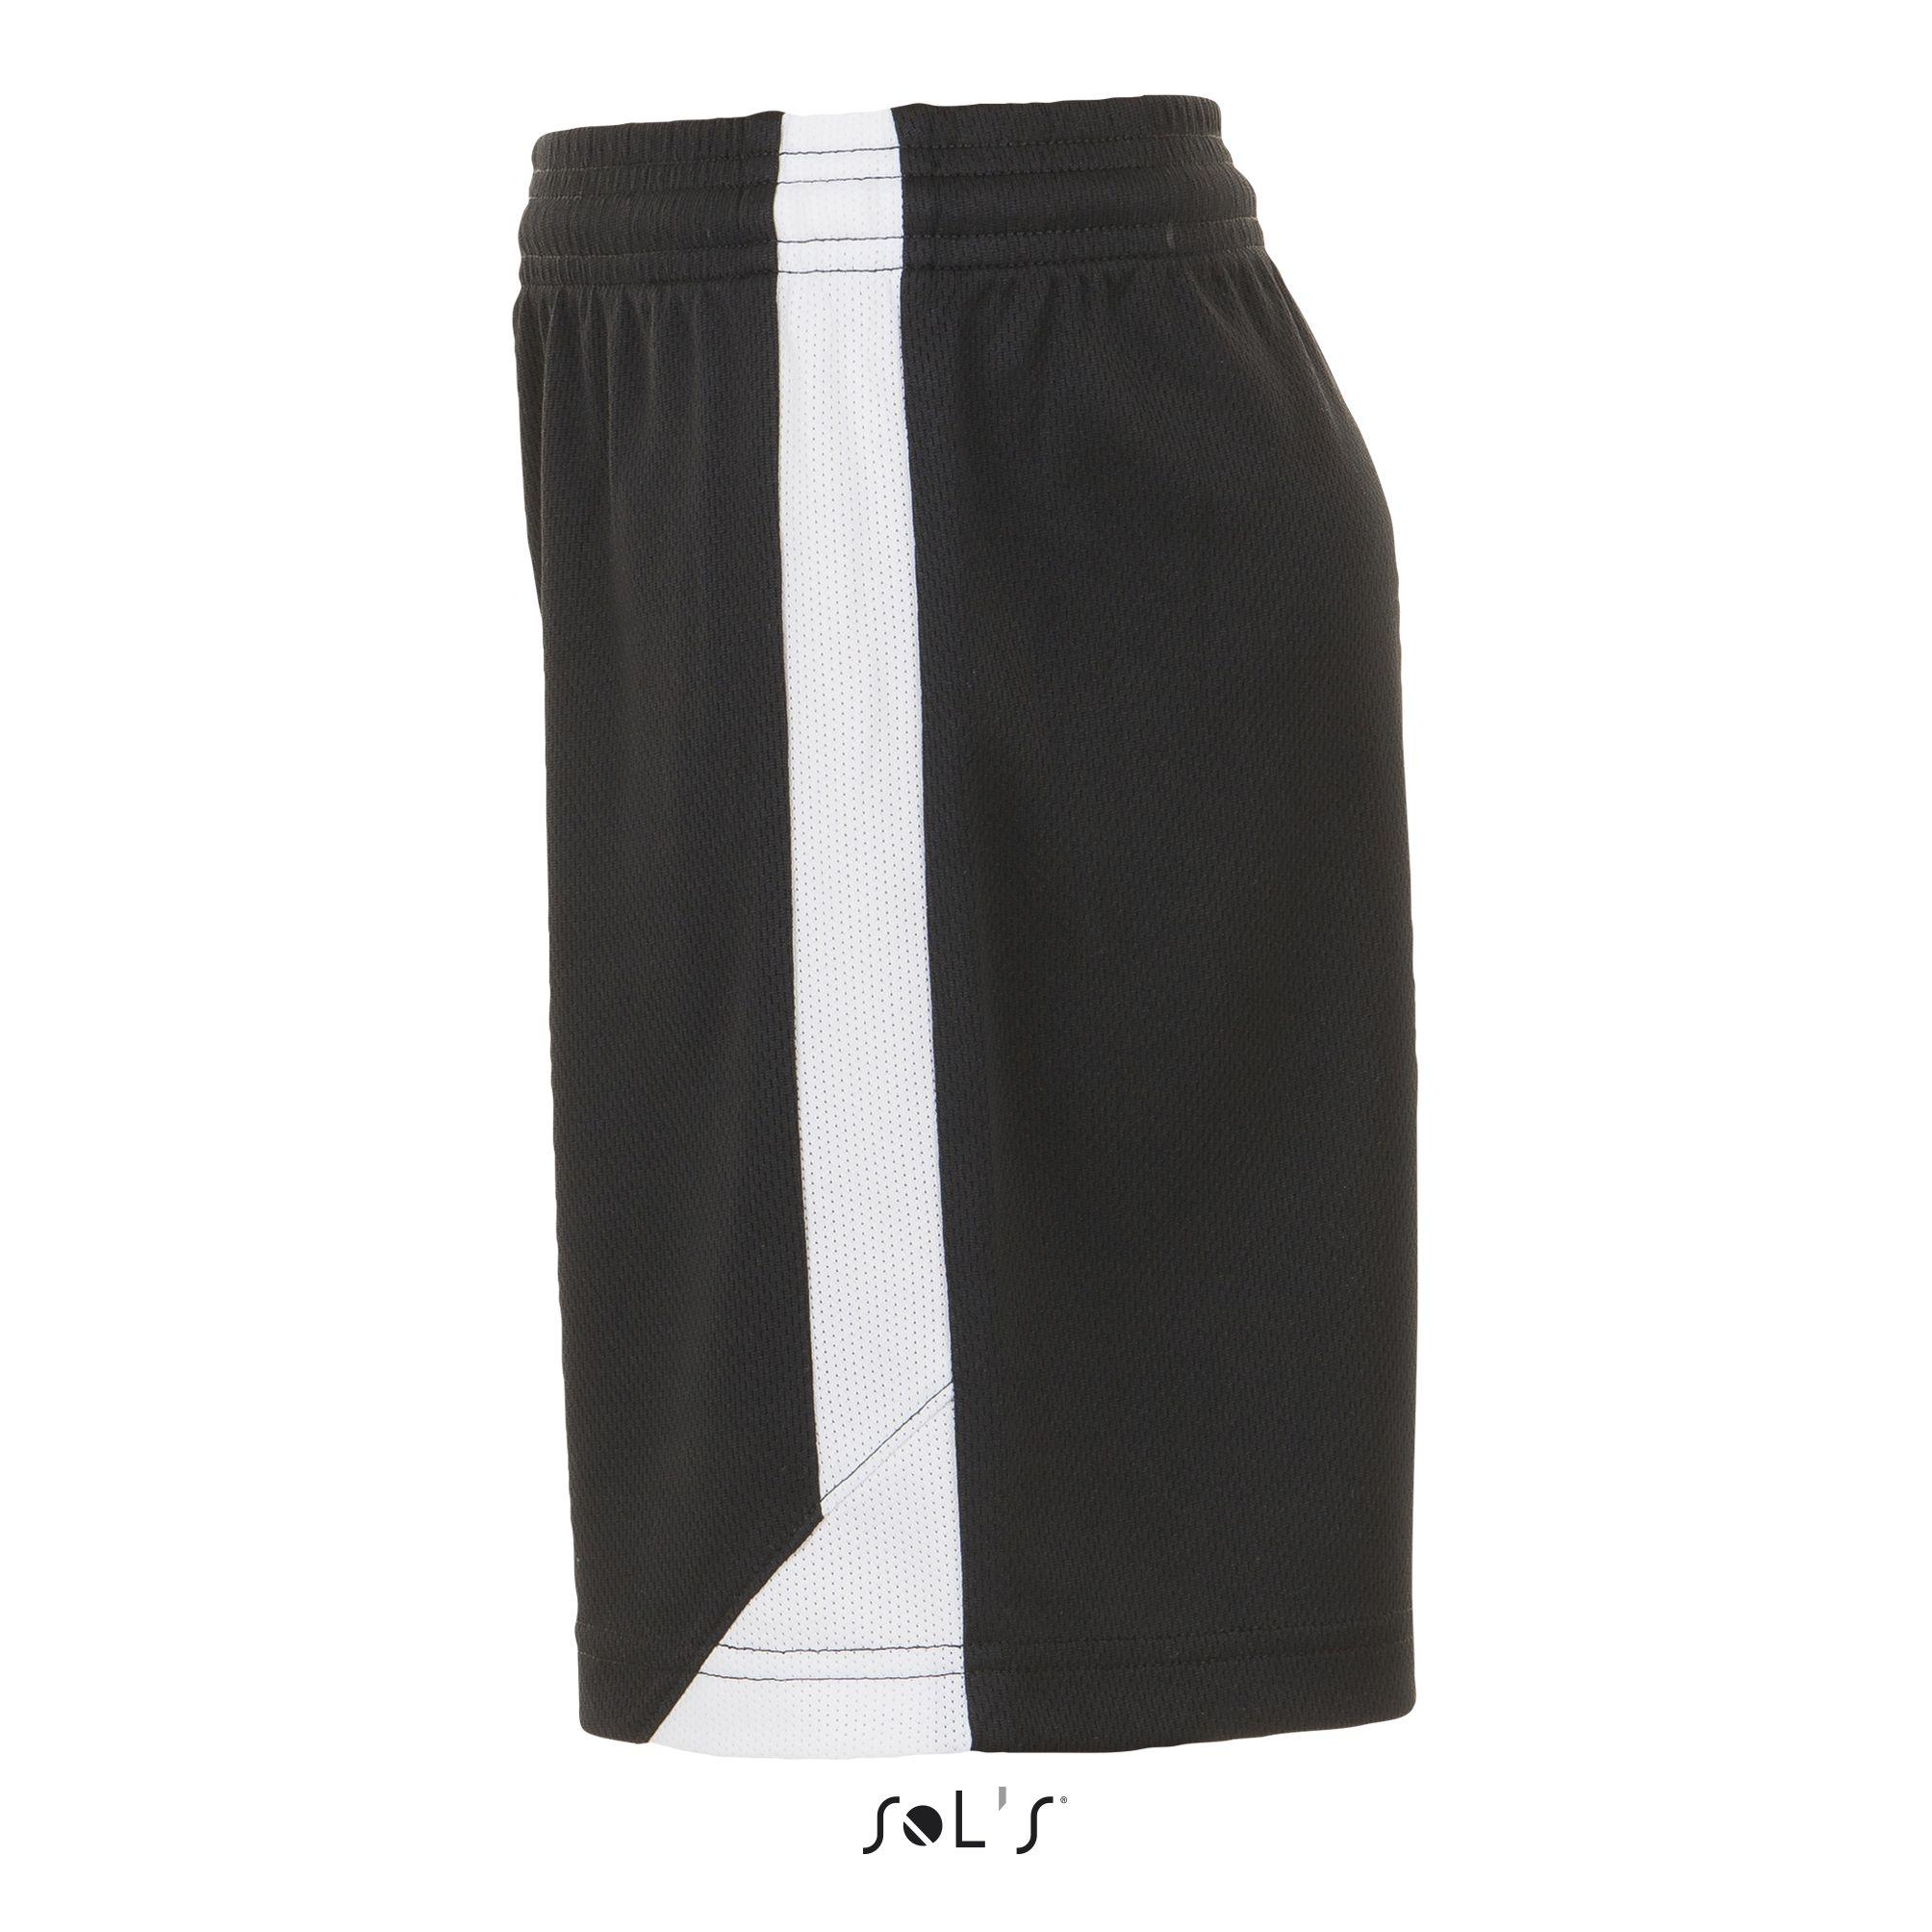 935 - Noir / Blanc